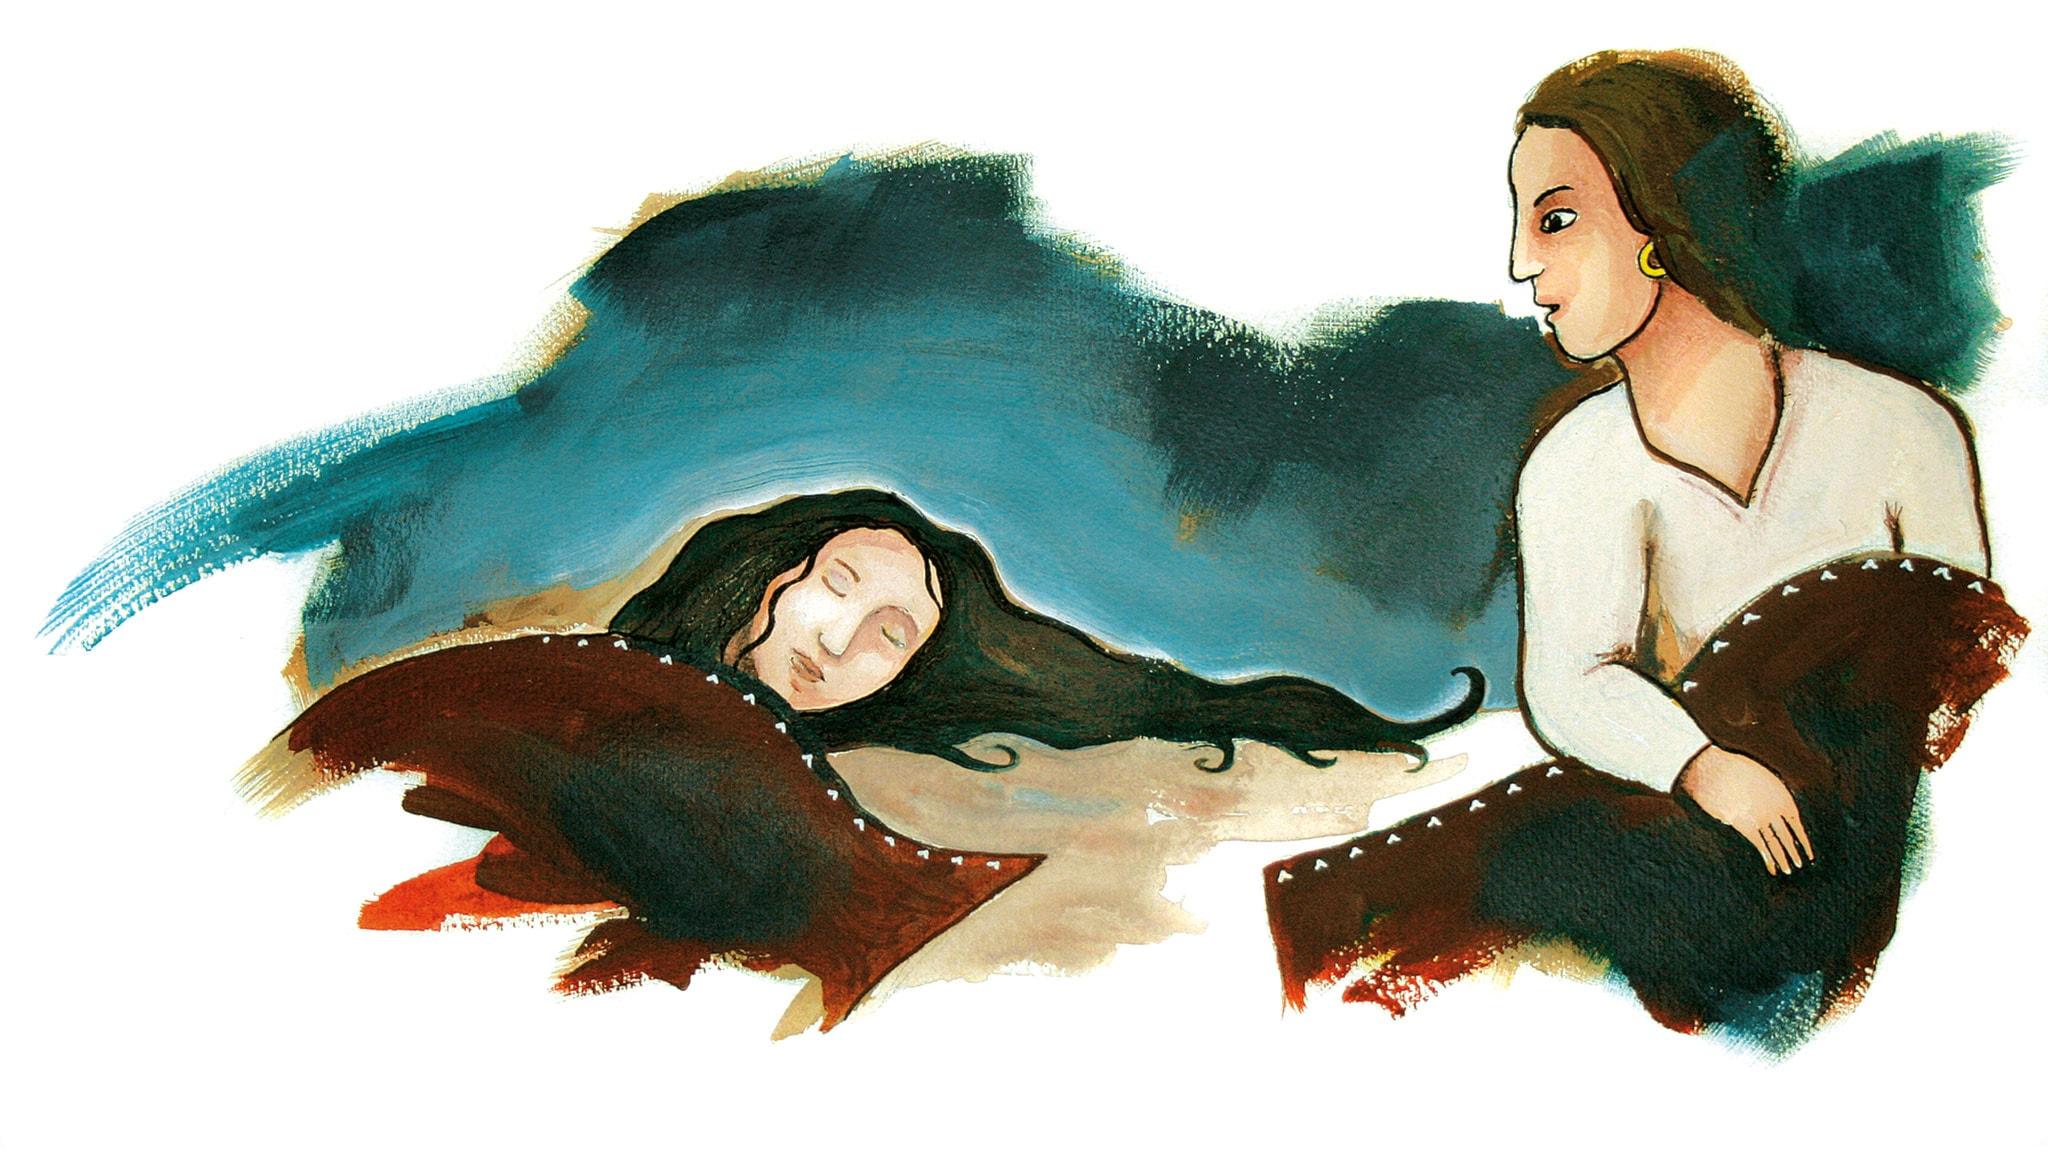 Raija och den förtrollade hästen. Illustration: Jonas Rahm.